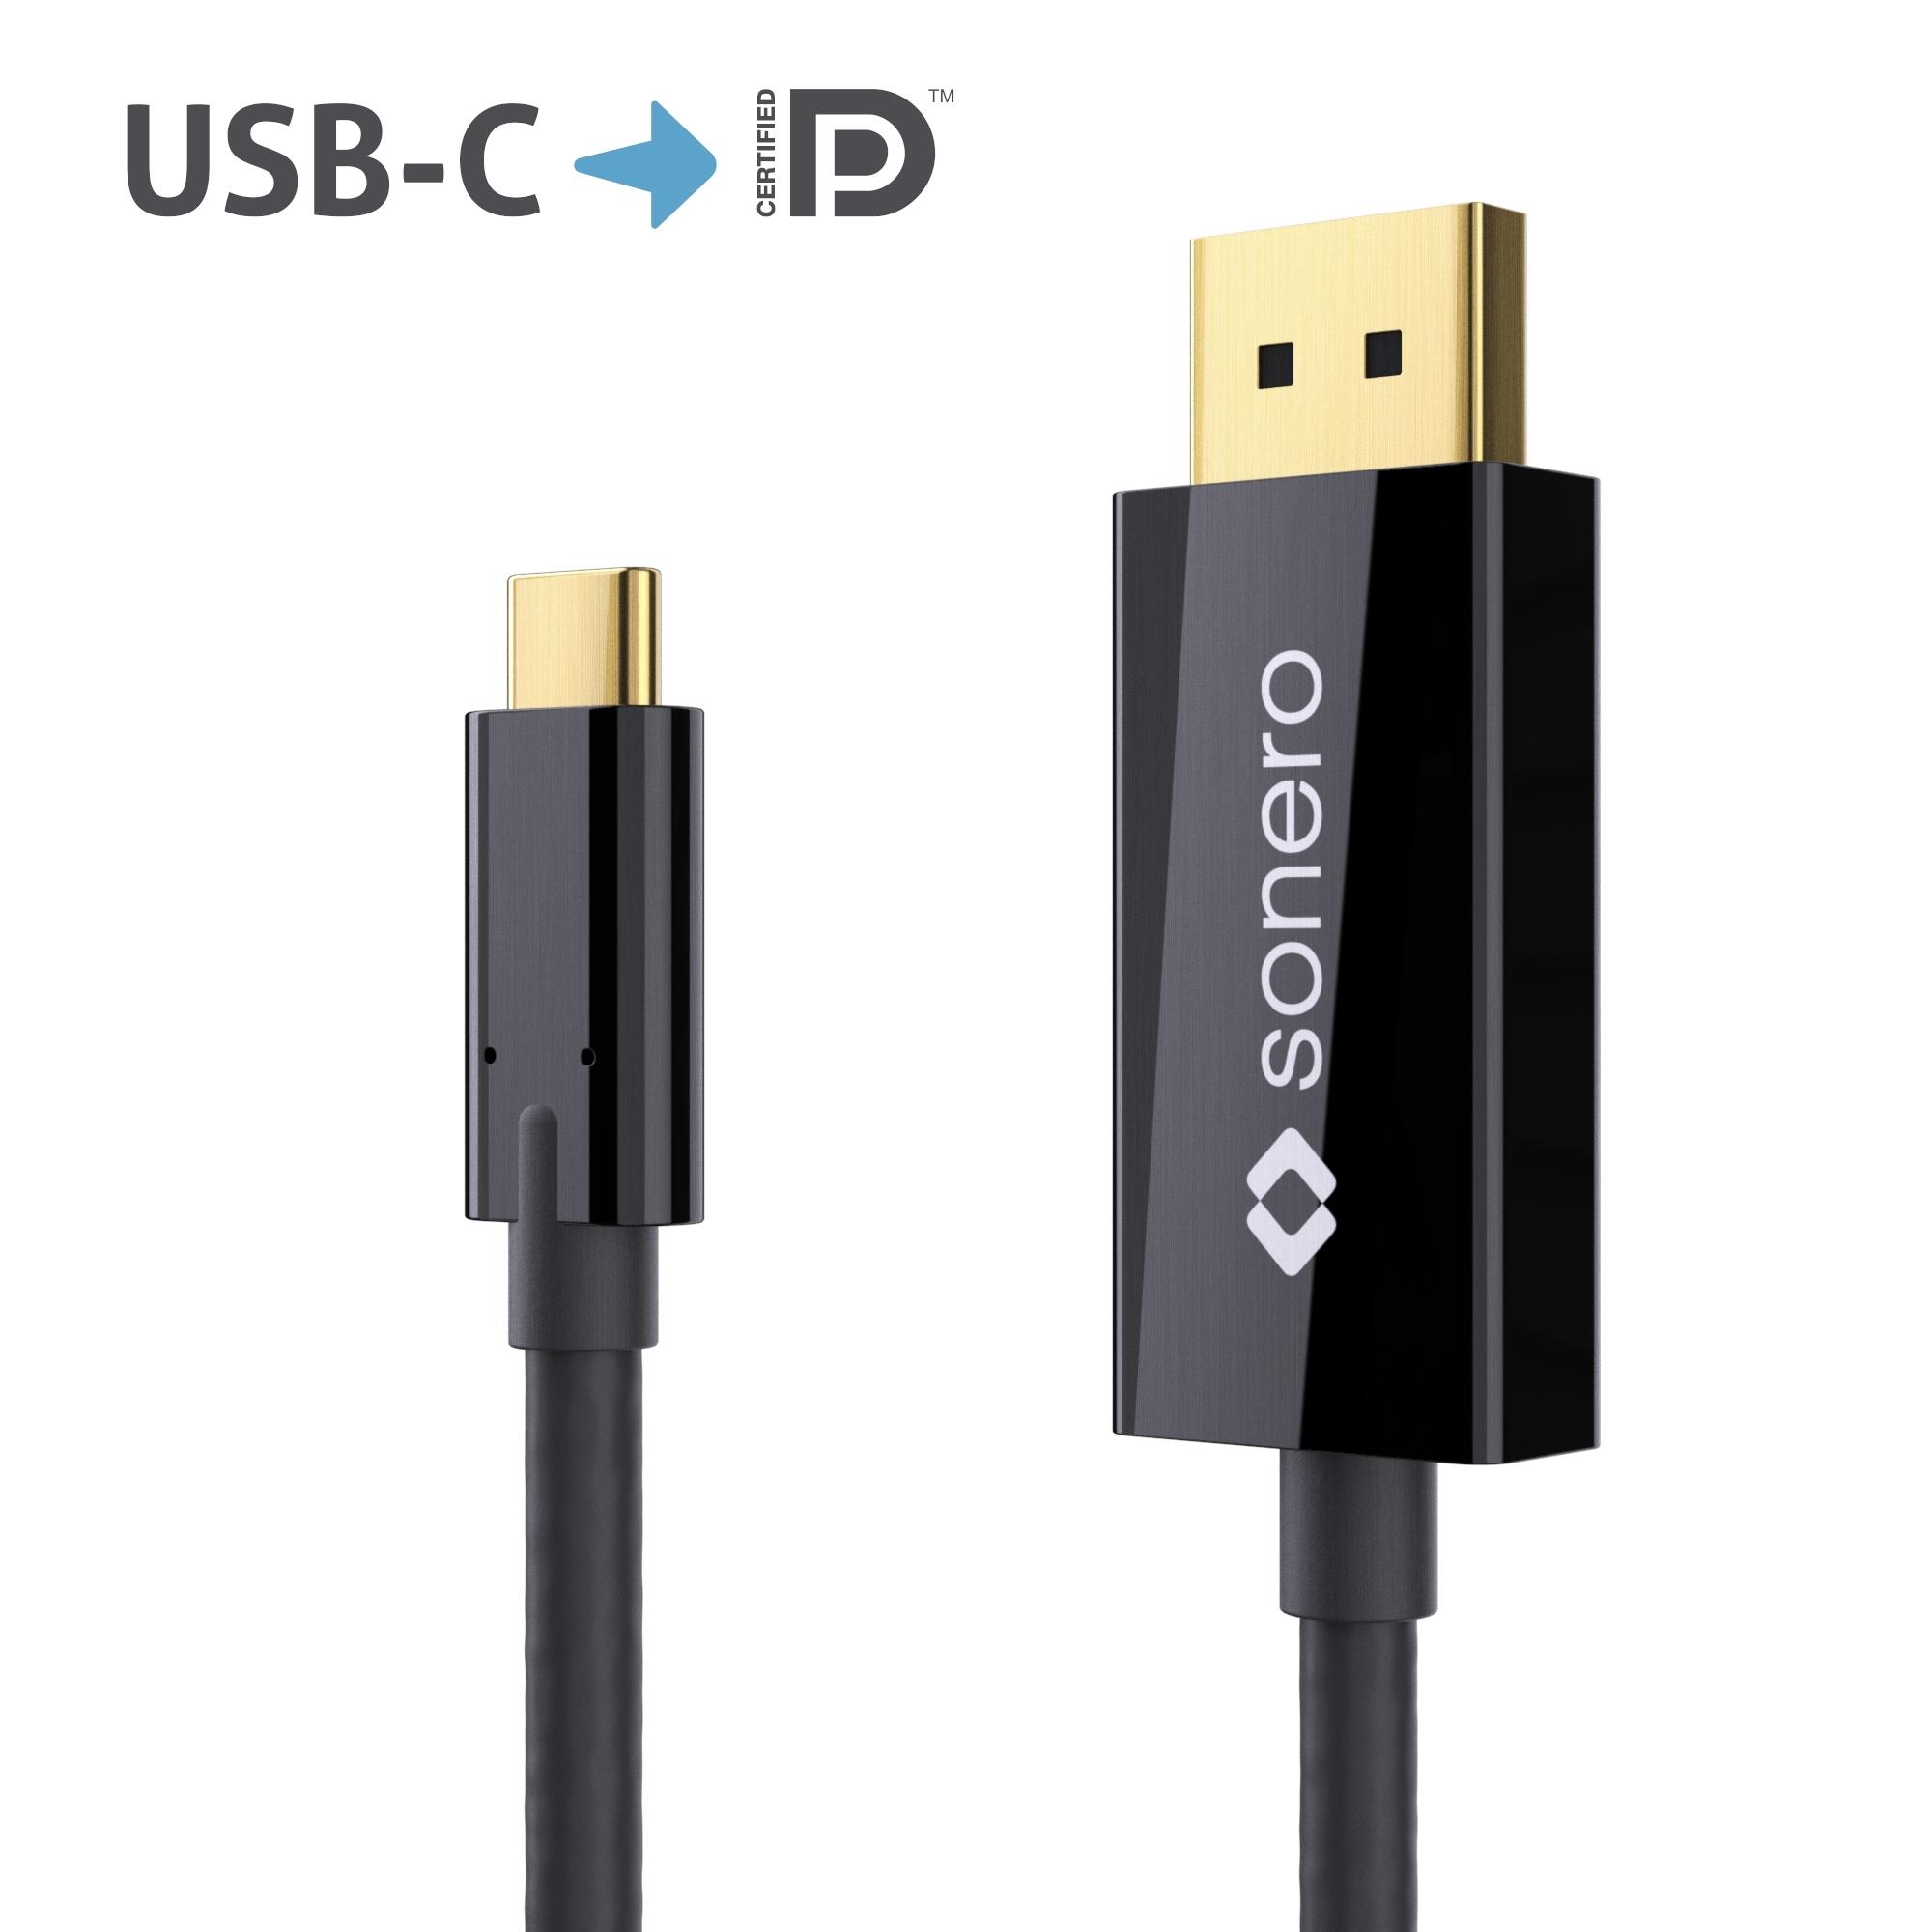 sonero USB-C auf DP Kabel - DP Mode - 4K60 - 1,50m - schwarz | USB ...